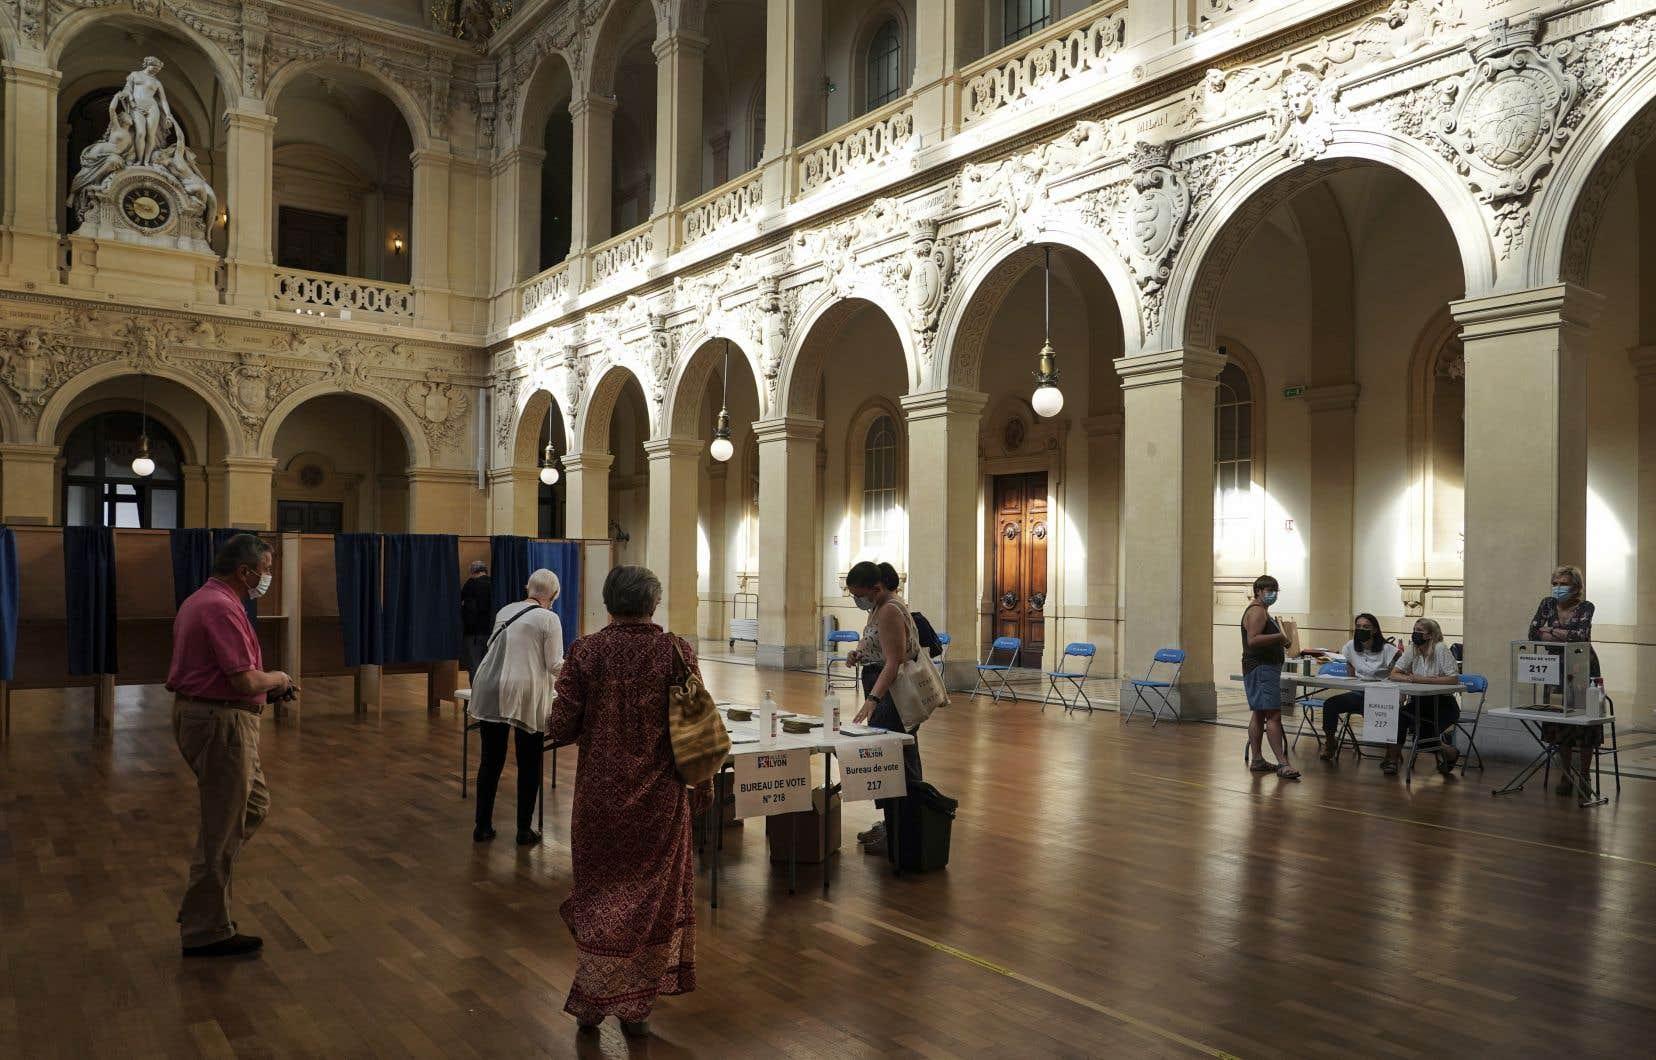 Comparée aux précédentes élections régionales françaises, l'abstention a progressé de 18points pour atteindre le record absolu de 68%, dimanche. Sur la photo, un bureau de vote à Lyon.